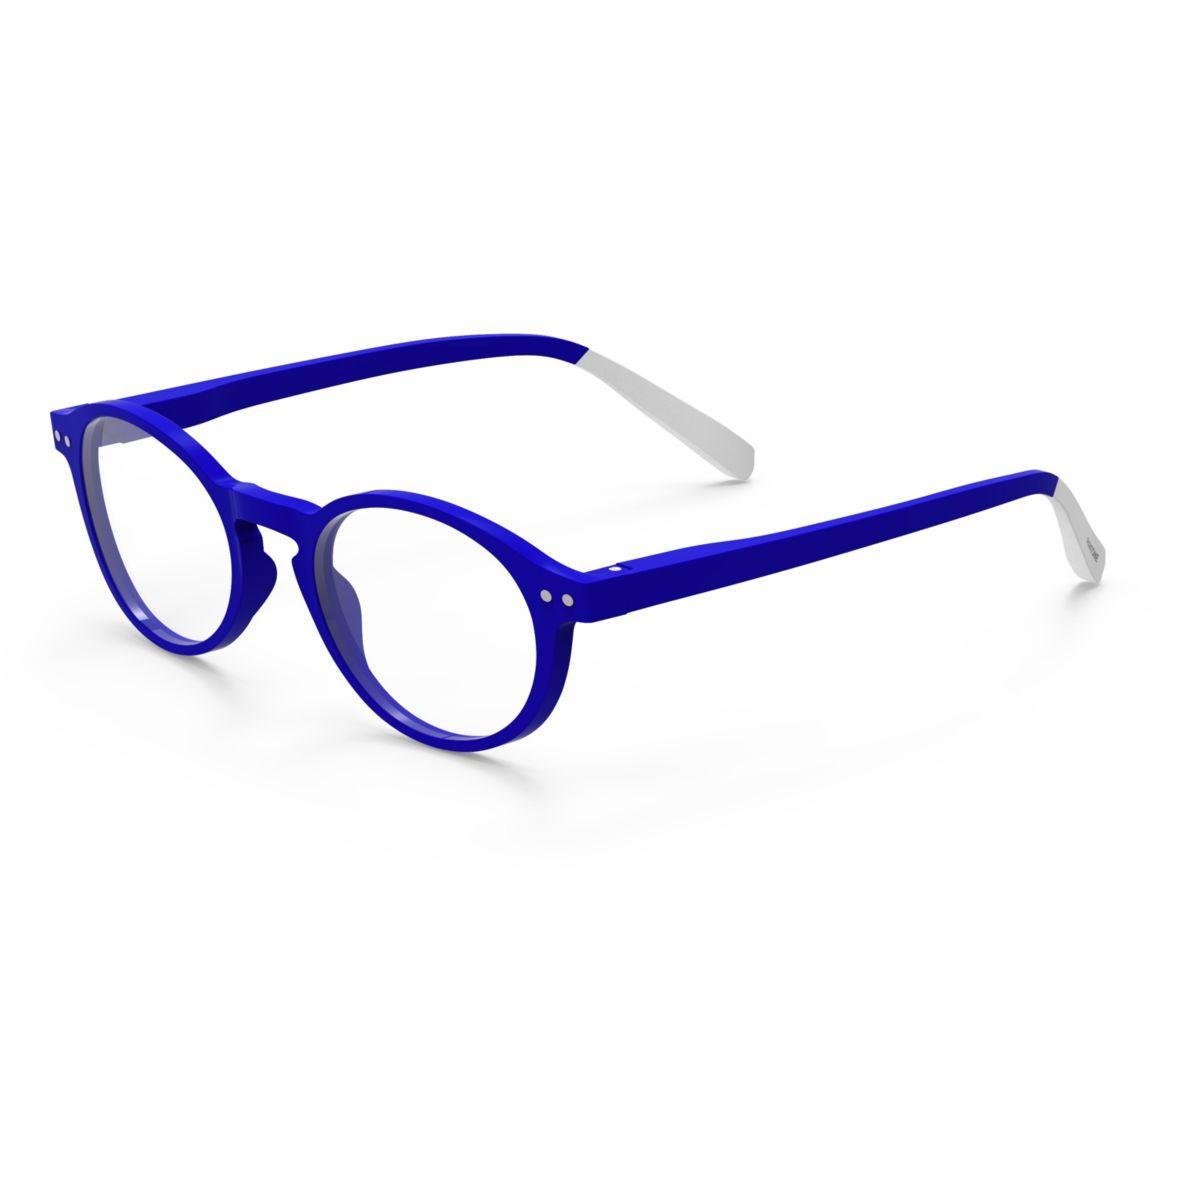 Lunette de lecture anti lumière bleue PANTONE BLEU ELEC Num2 +3.0 2en1